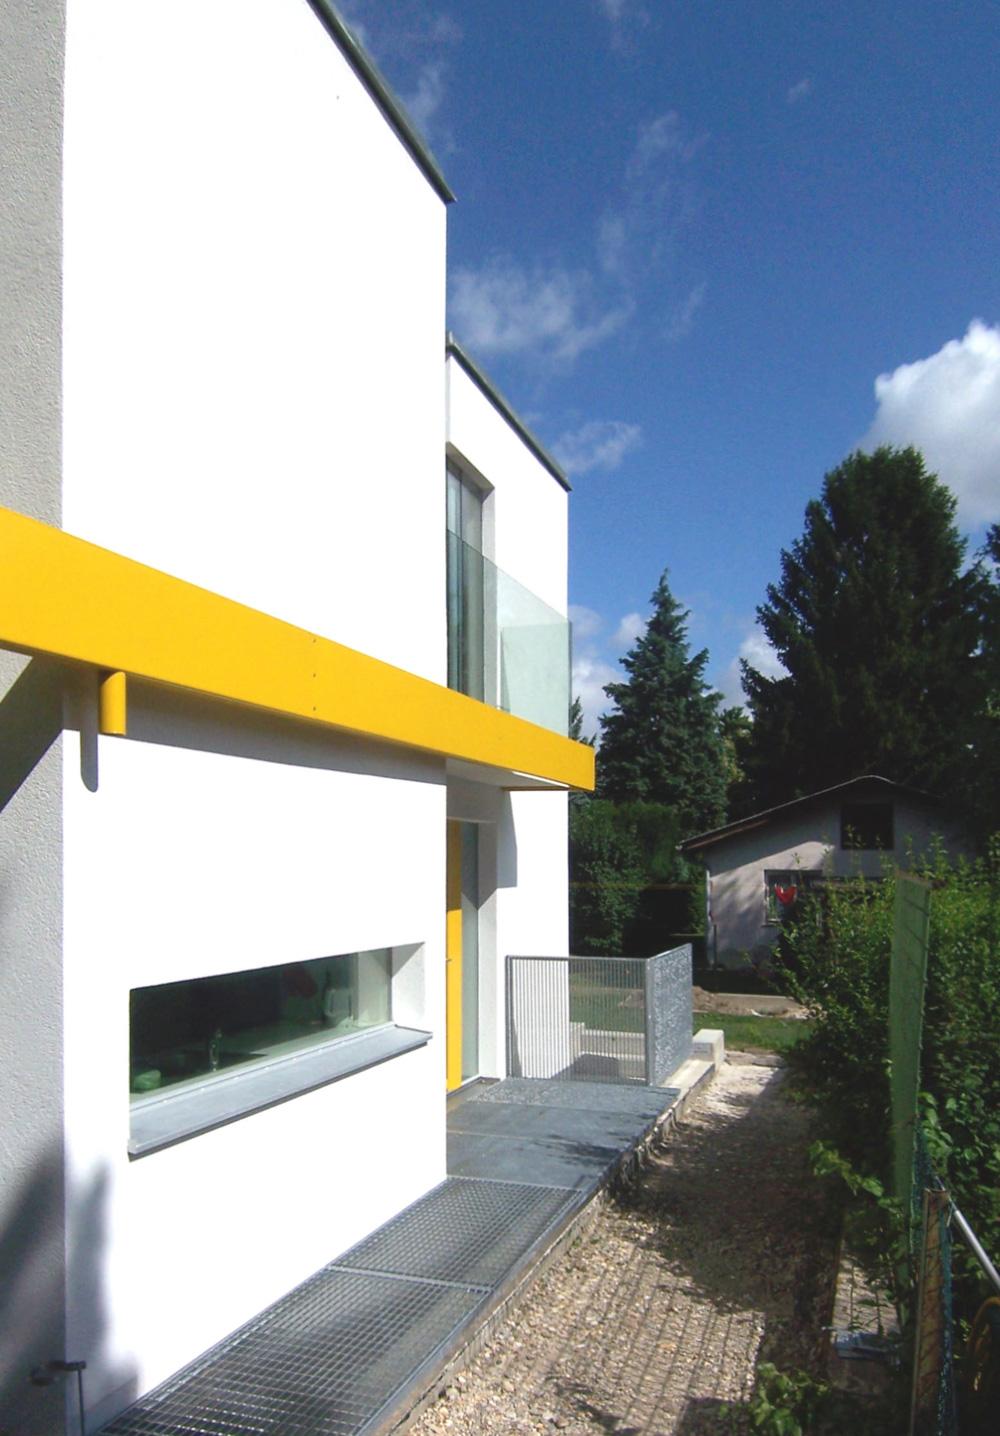 Außenansicht eines Doppelhauses an der alten Donau das von den Paschinger Architekten geplant wurde